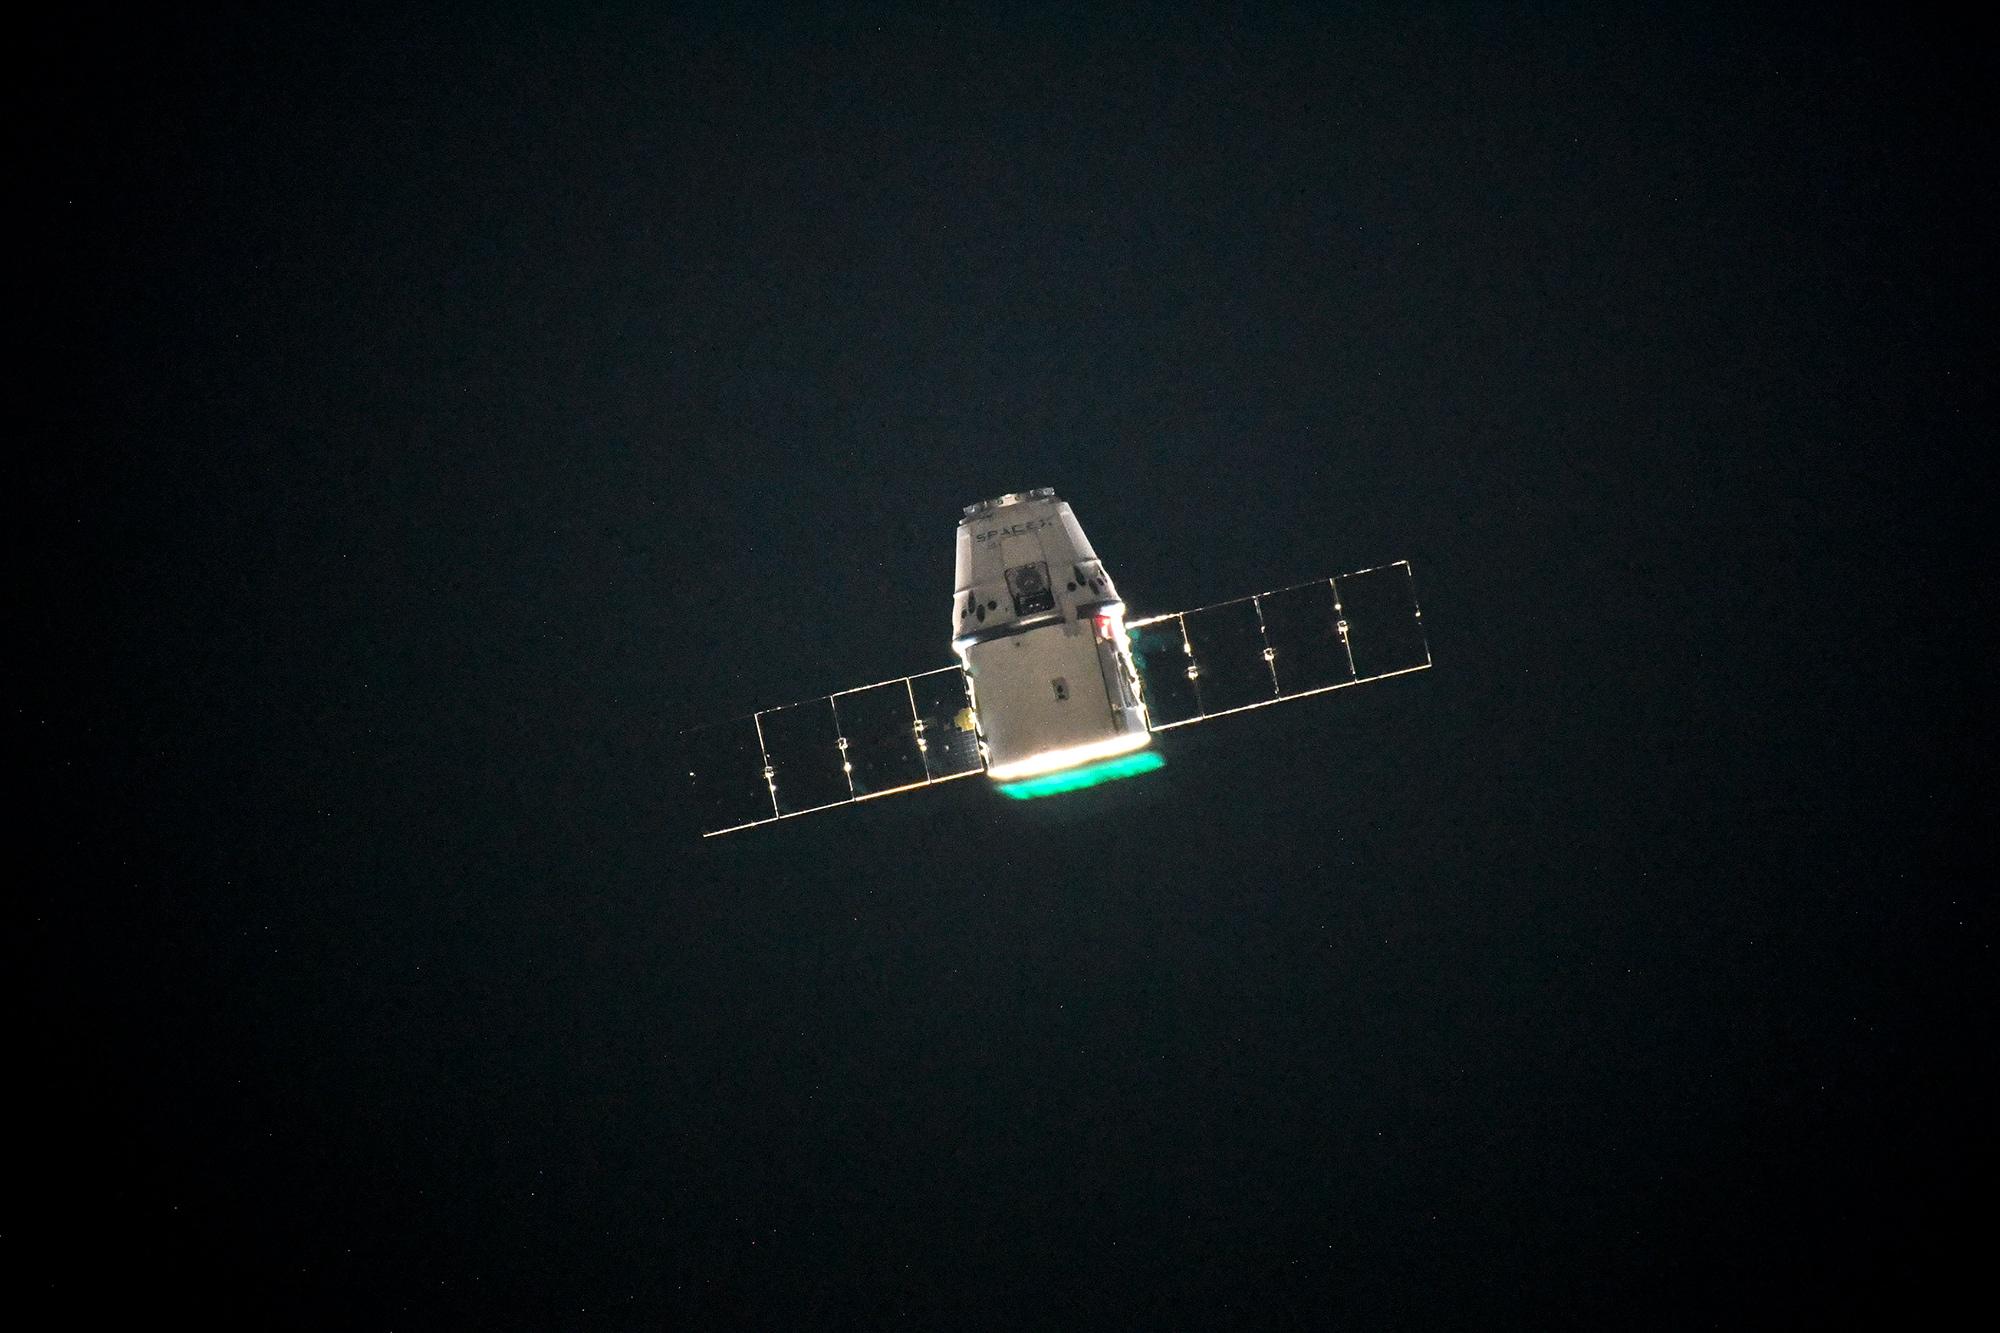 CRS-15 ISS arrival 070218 (Oleg Artemiev) 2